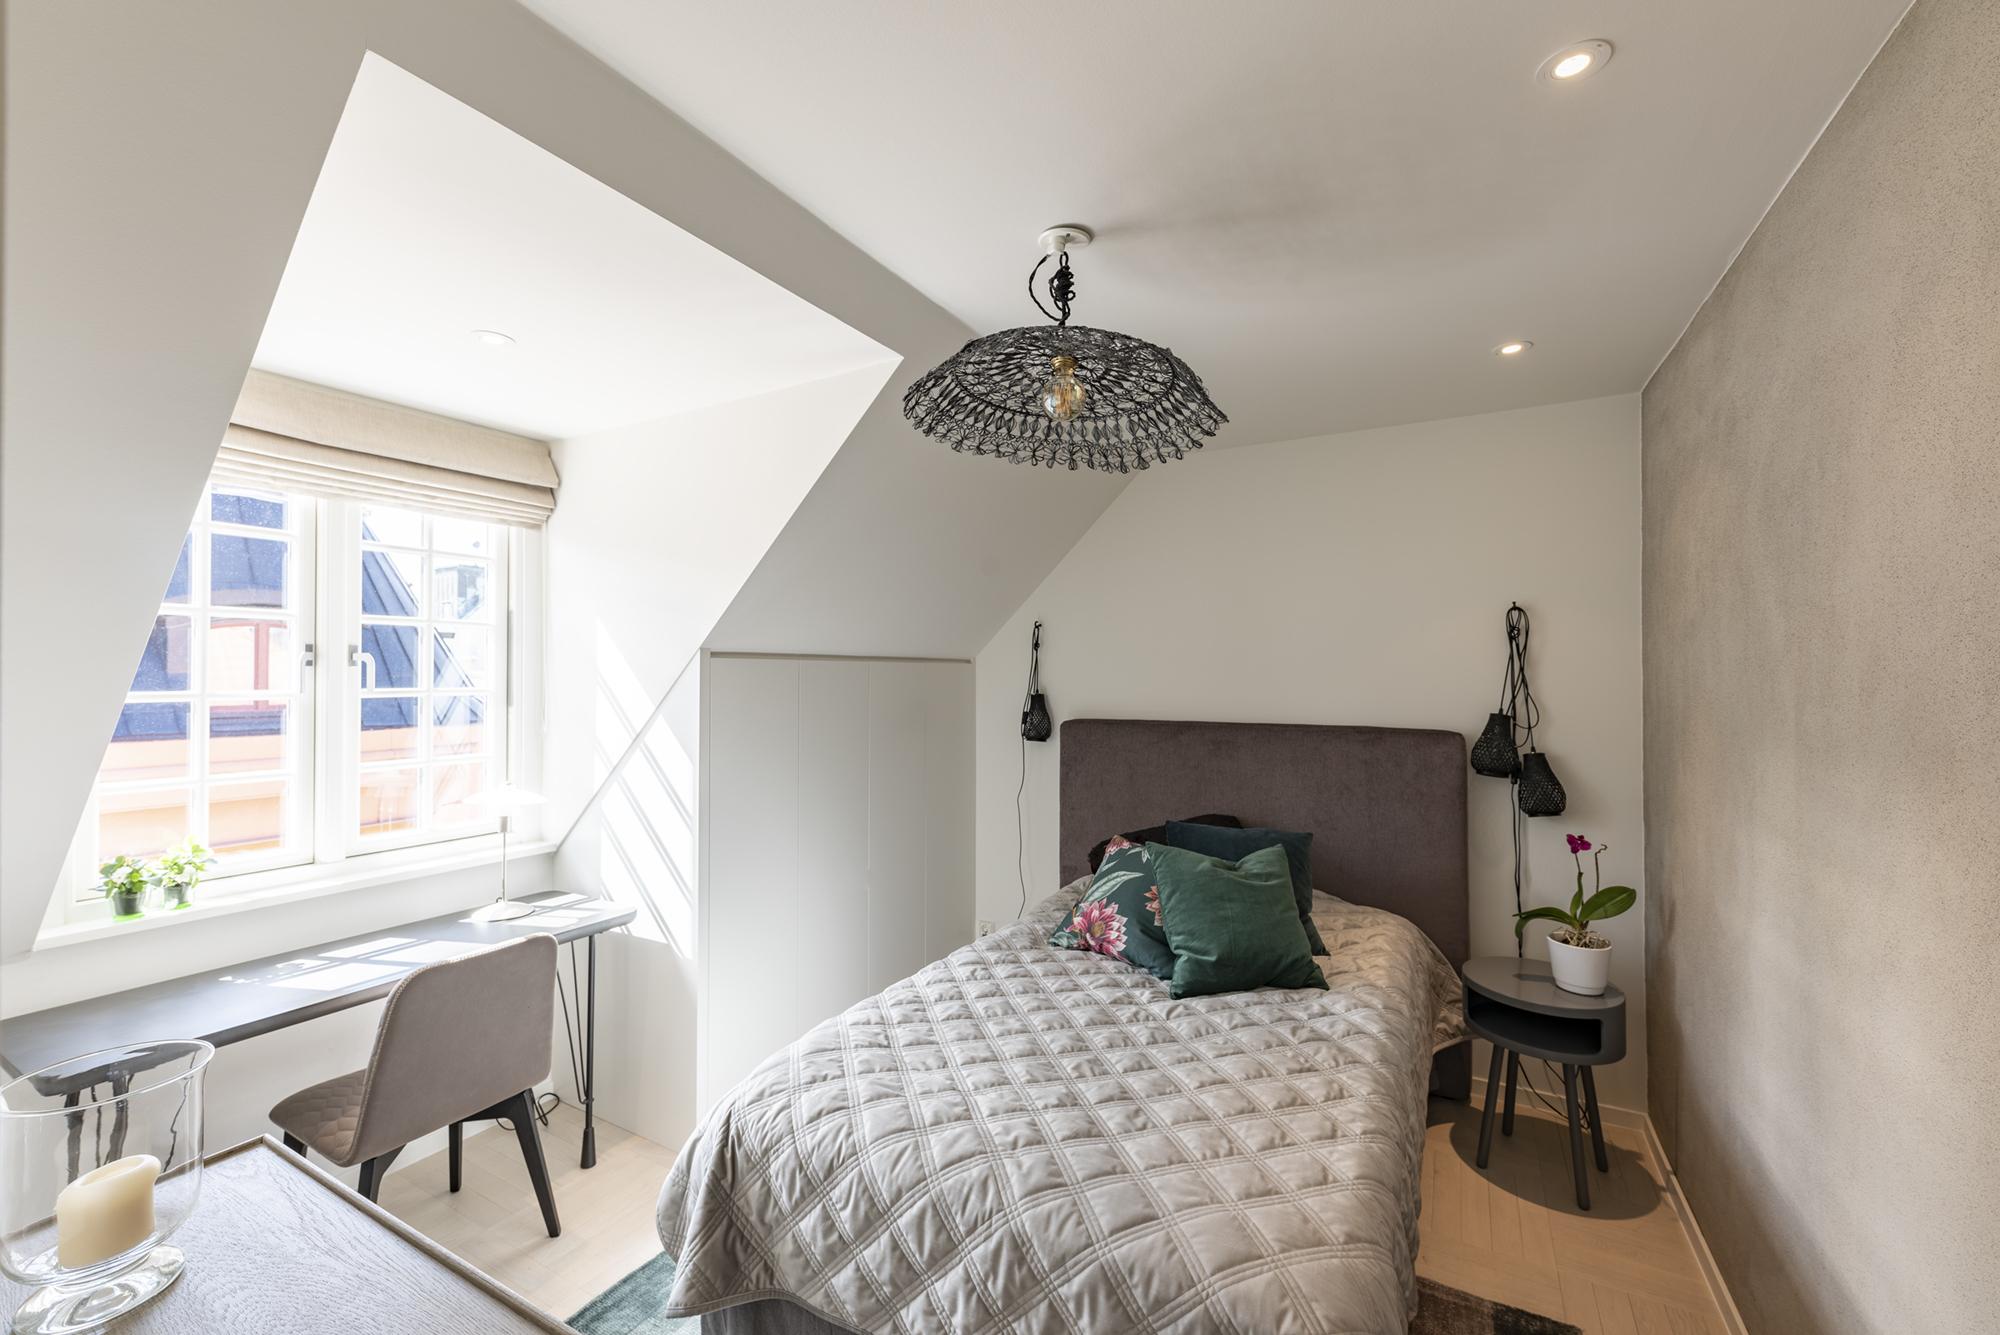 Sovrum med platsbyggd garderob